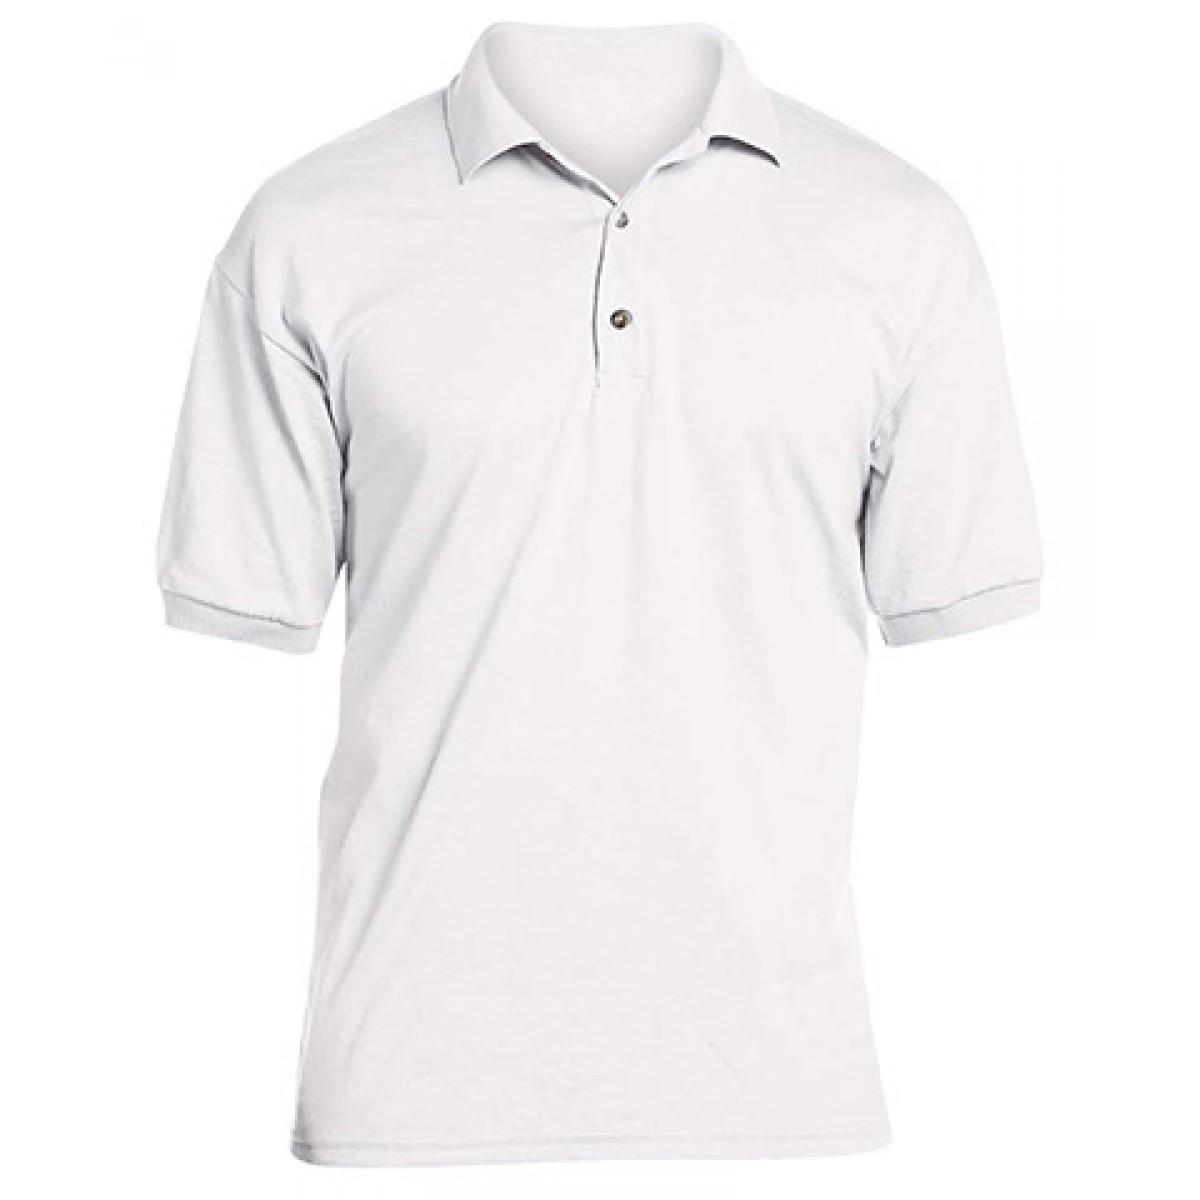 Jersey Polo 50/50 -White-2XL